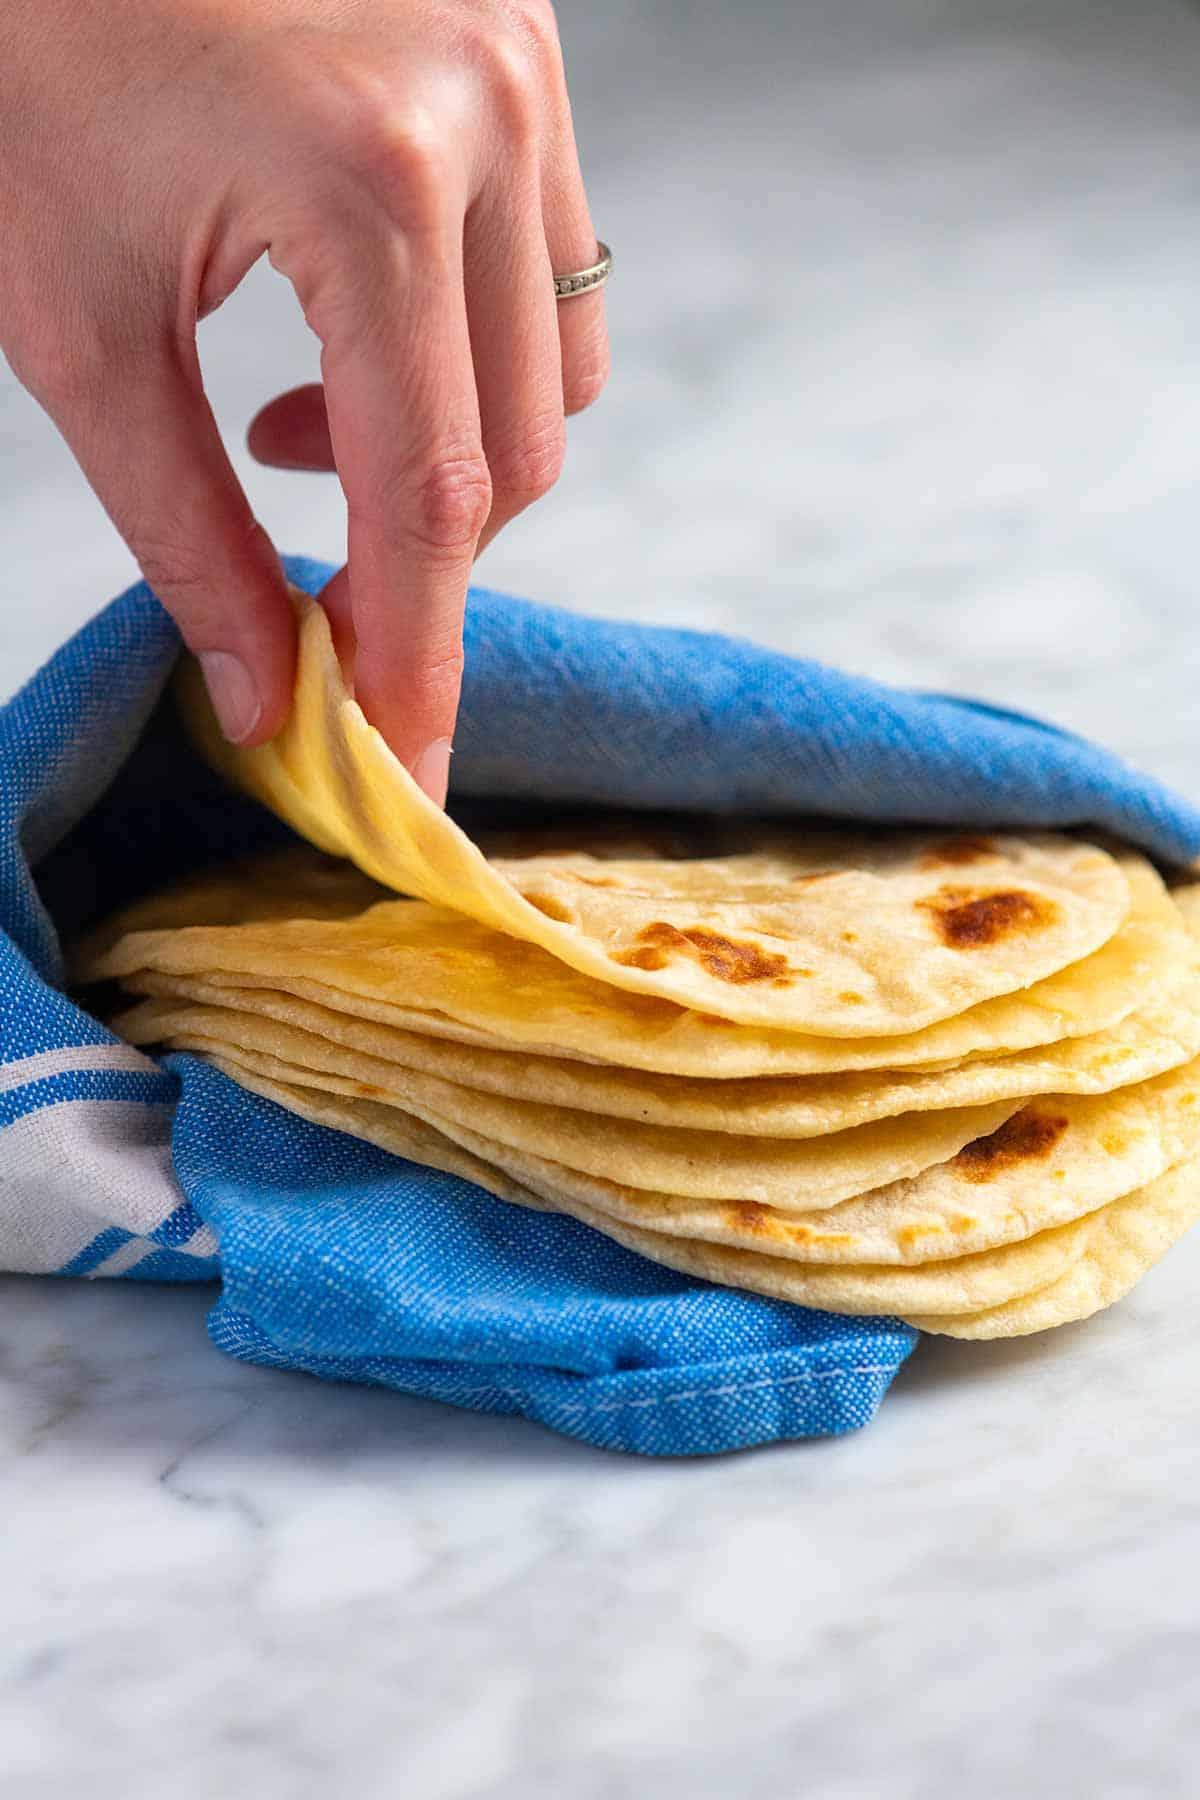 A stack of homemade flour tortillas